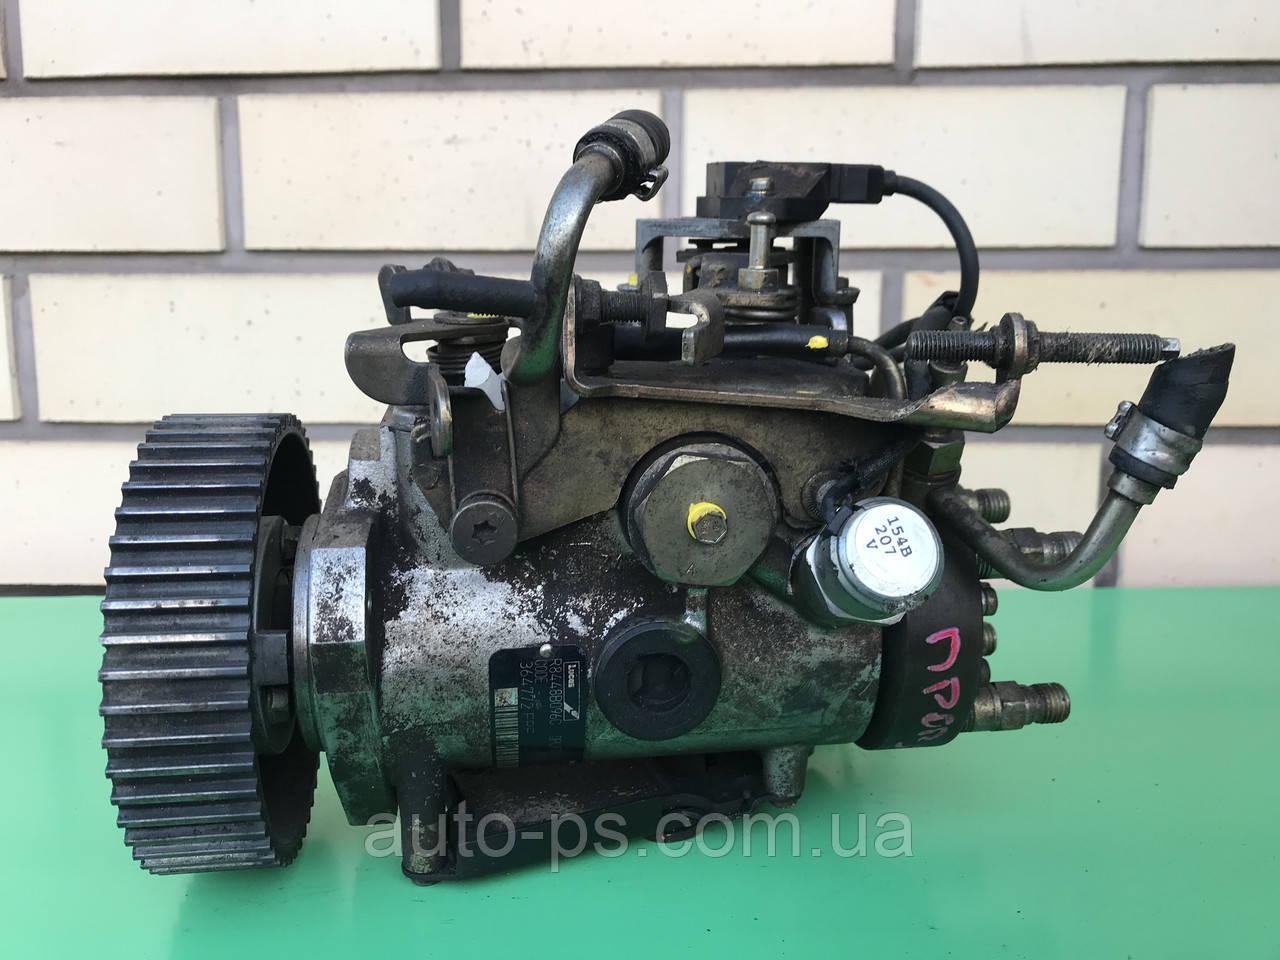 Топливный насос высокого давления (ТНВД) Fiat Marea 1.9TD 1996-2002 год